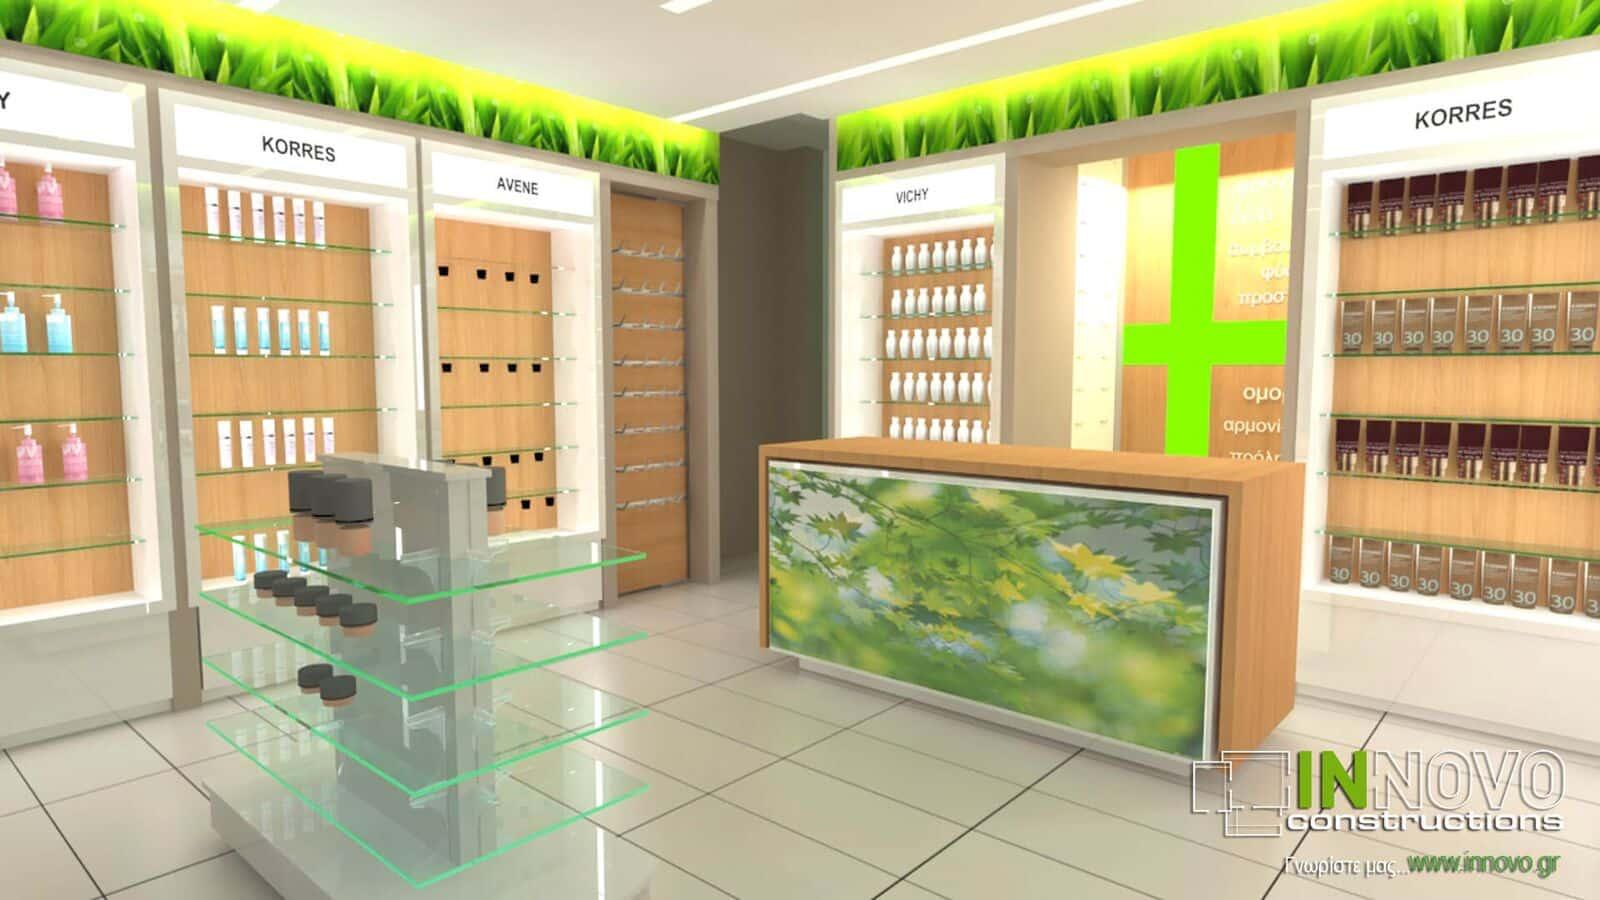 Ανακαίνιση Φαρμακείου στα Ιωάννινα